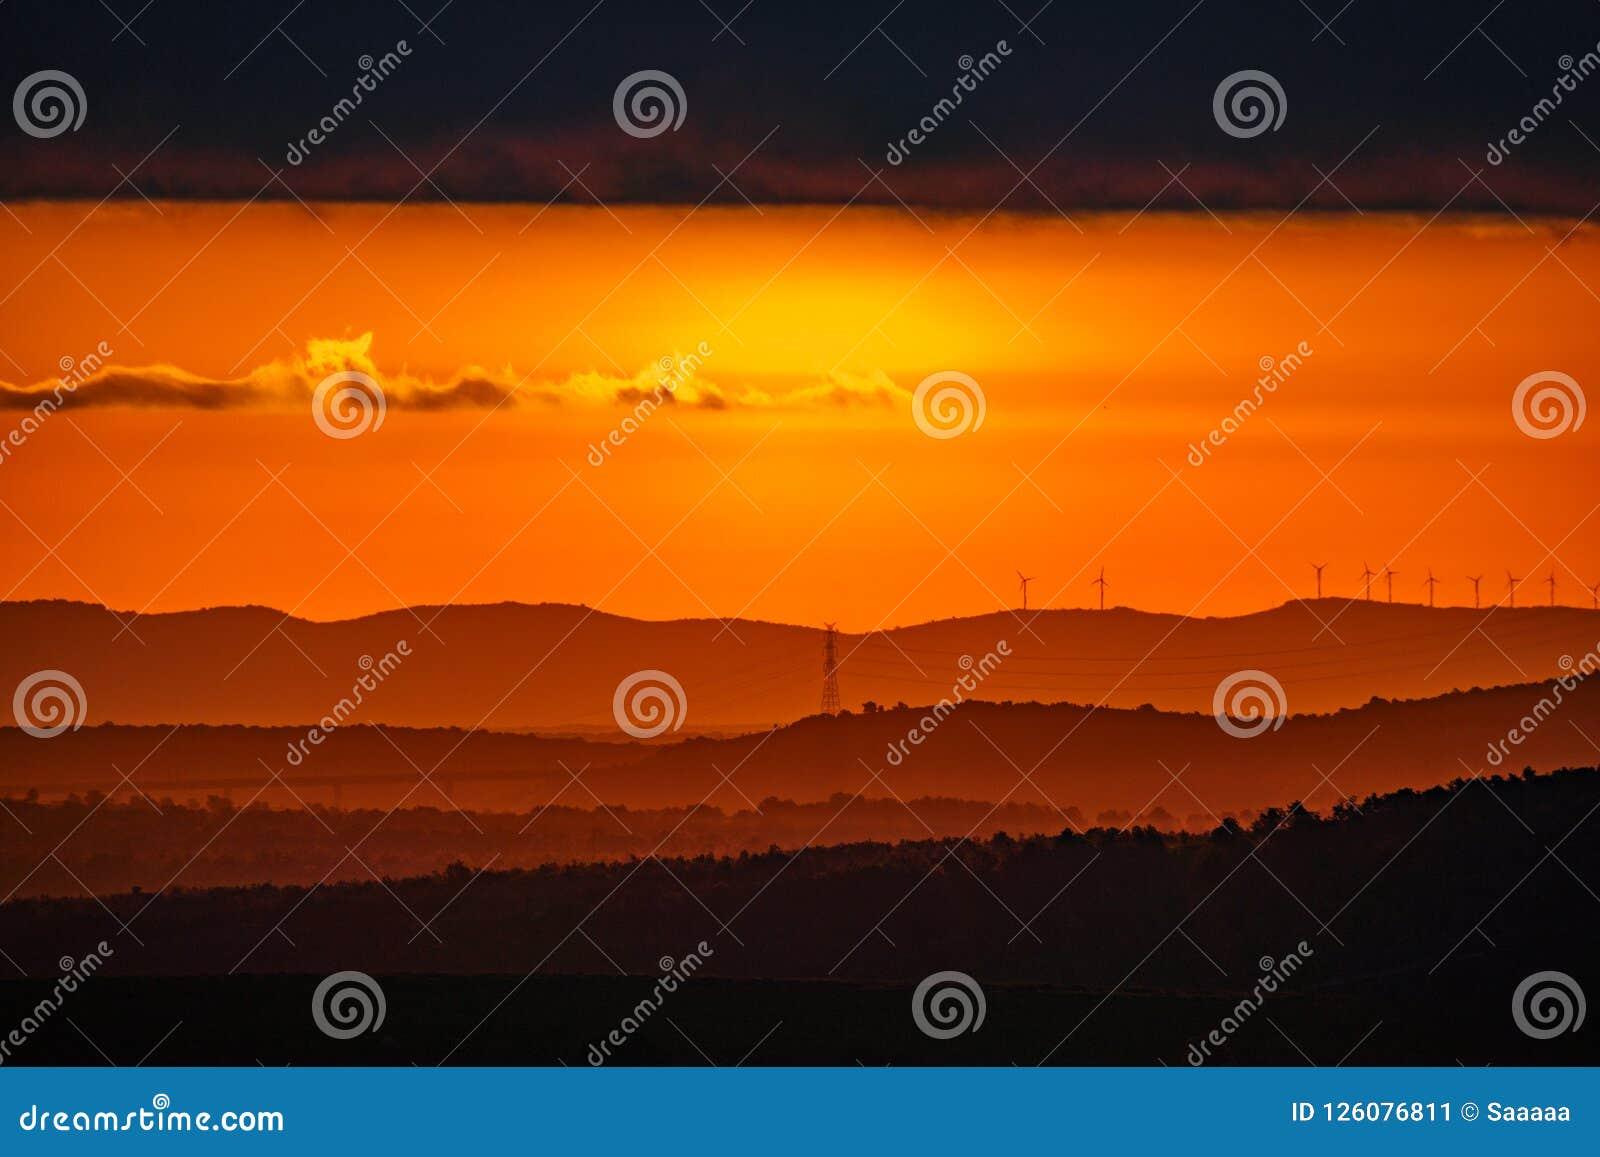 Запачканный восход солнца с оранжевыми цветами и слоями горы